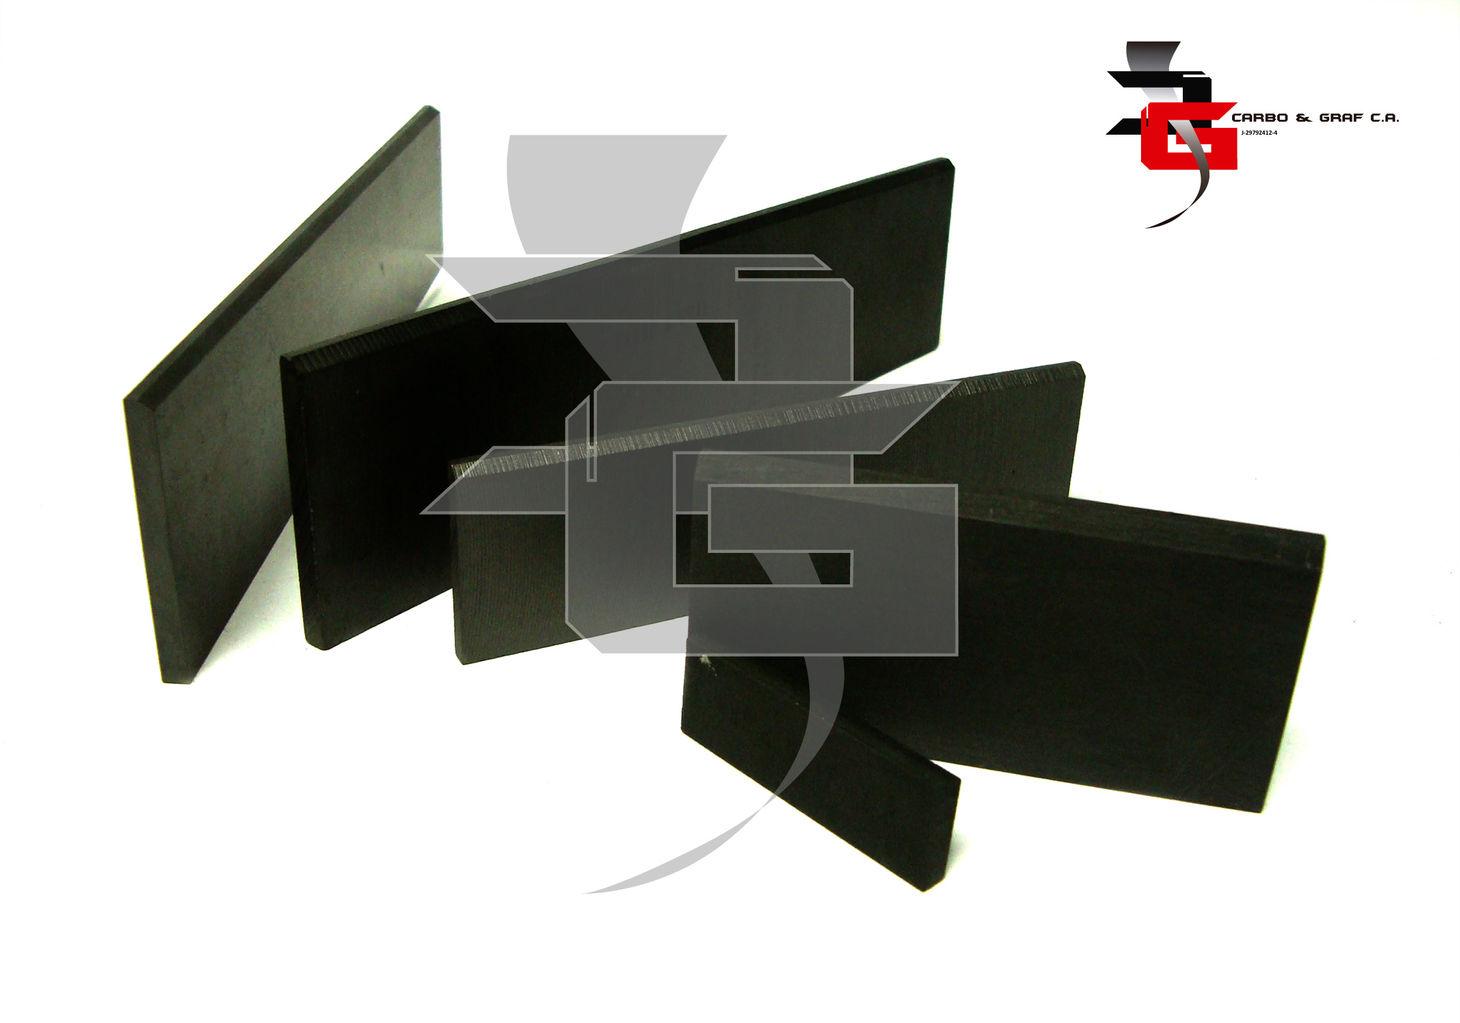 paletas de grafito para bombas2.jpg